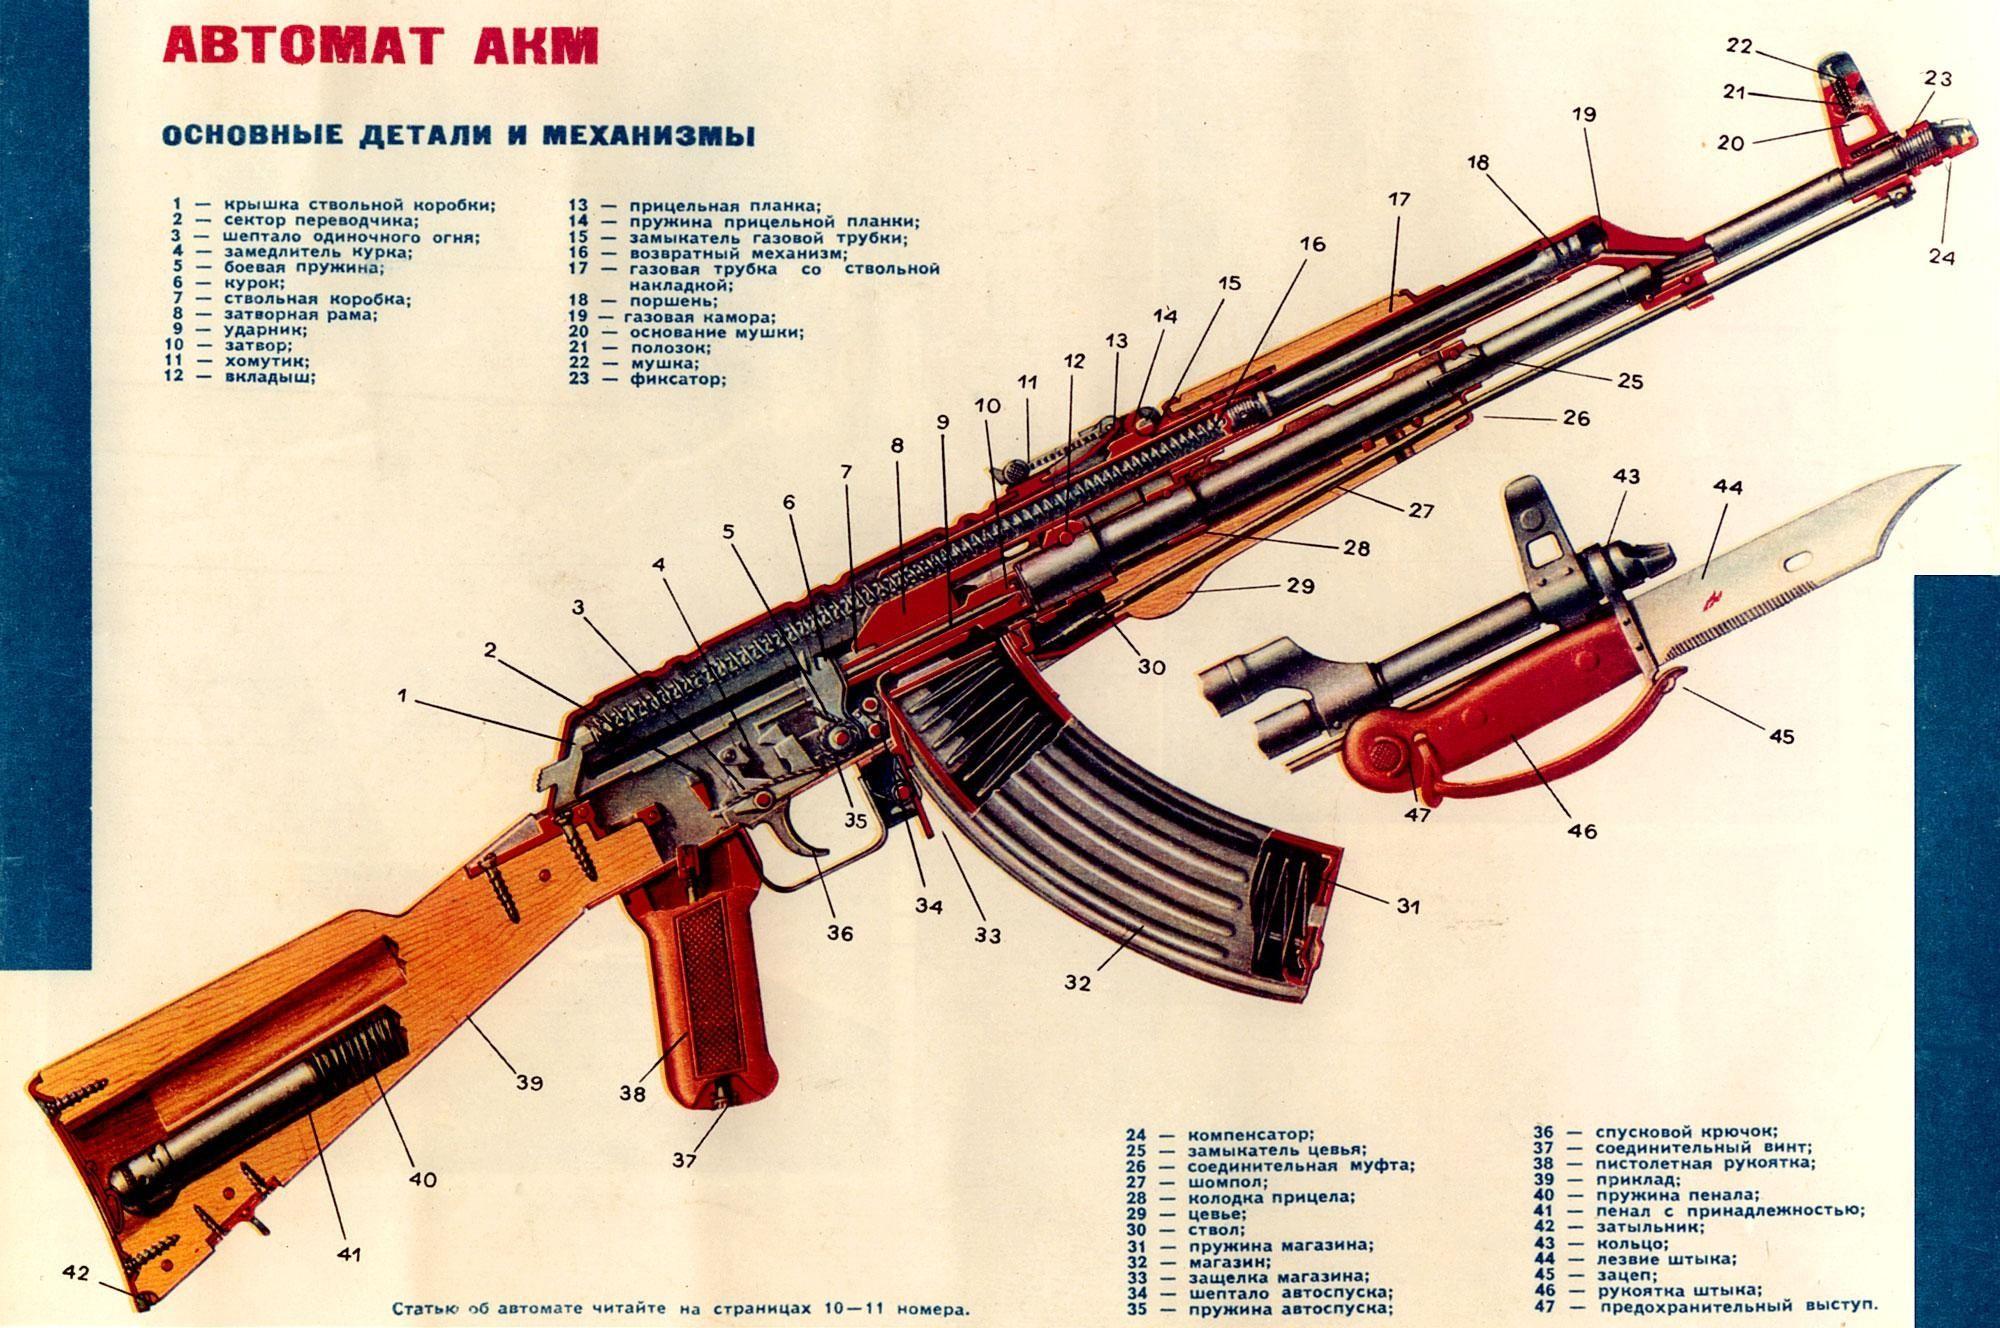 ak 47 anatomy danger pinterest ak 47 guns and shooting sports rh pinterest com ak47 parts diagram ak 47 full auto parts diagram